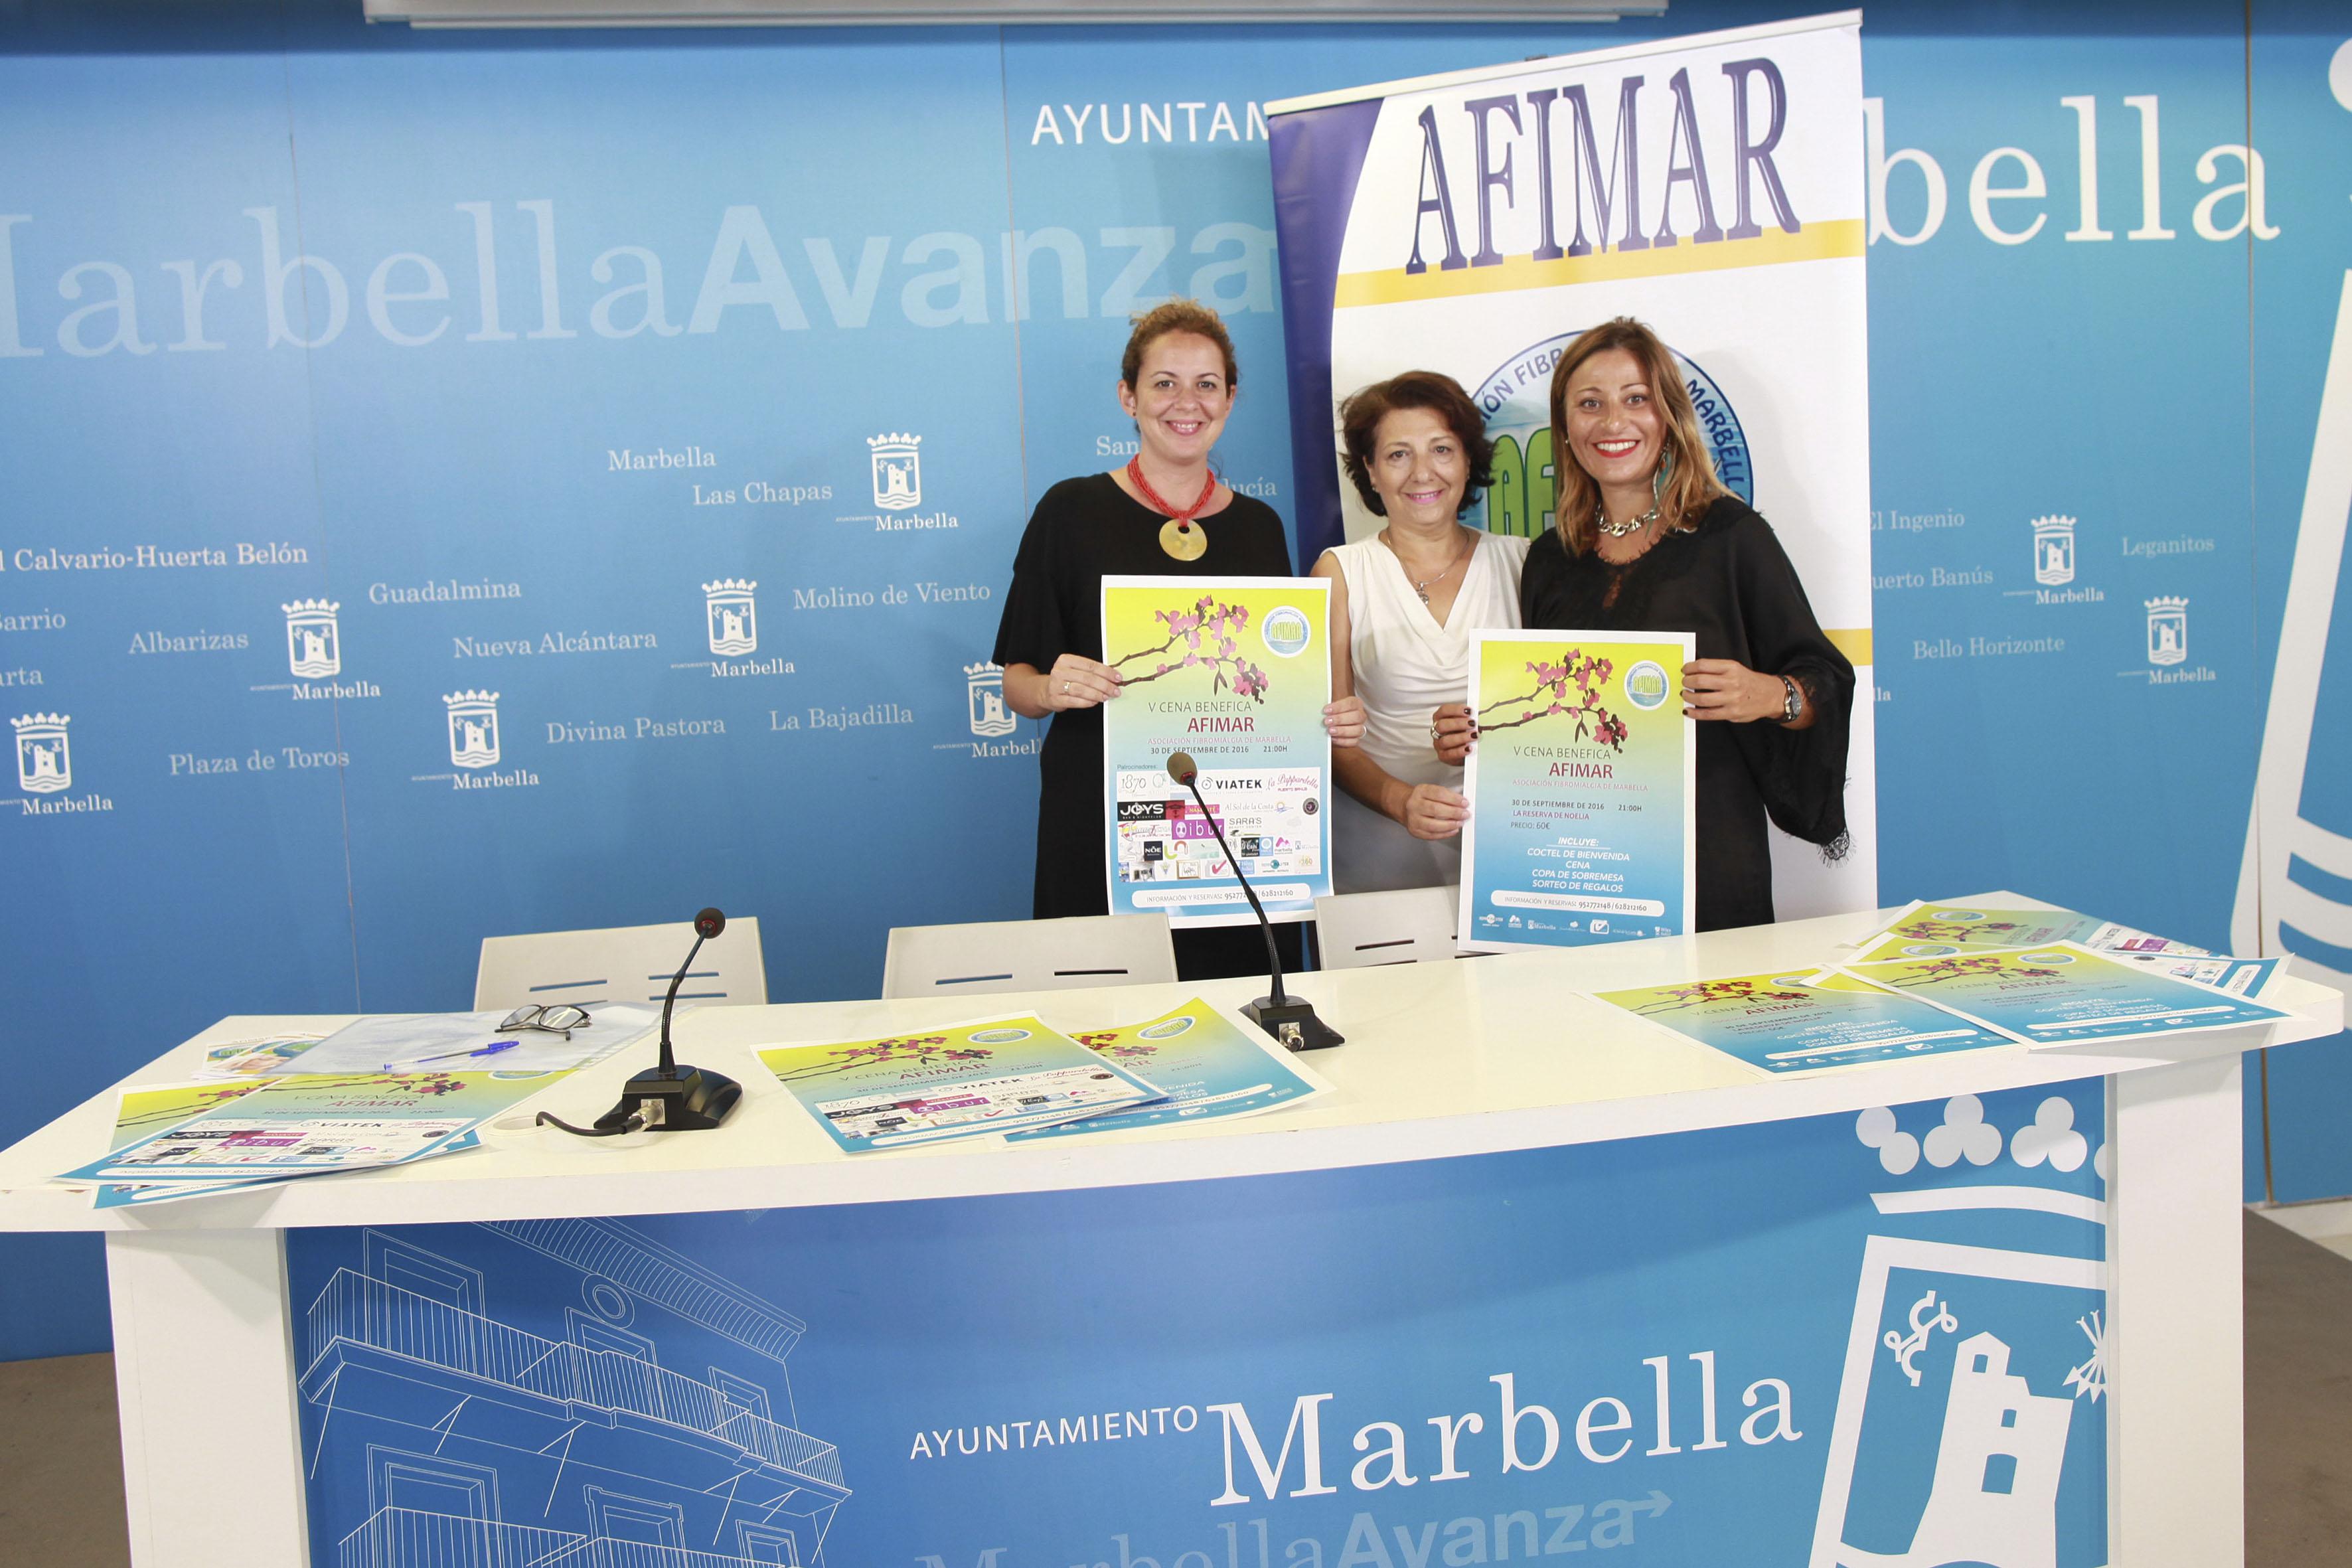 La asociaci n de fibromialgia de marbella celebrar su for Oficina correos marbella